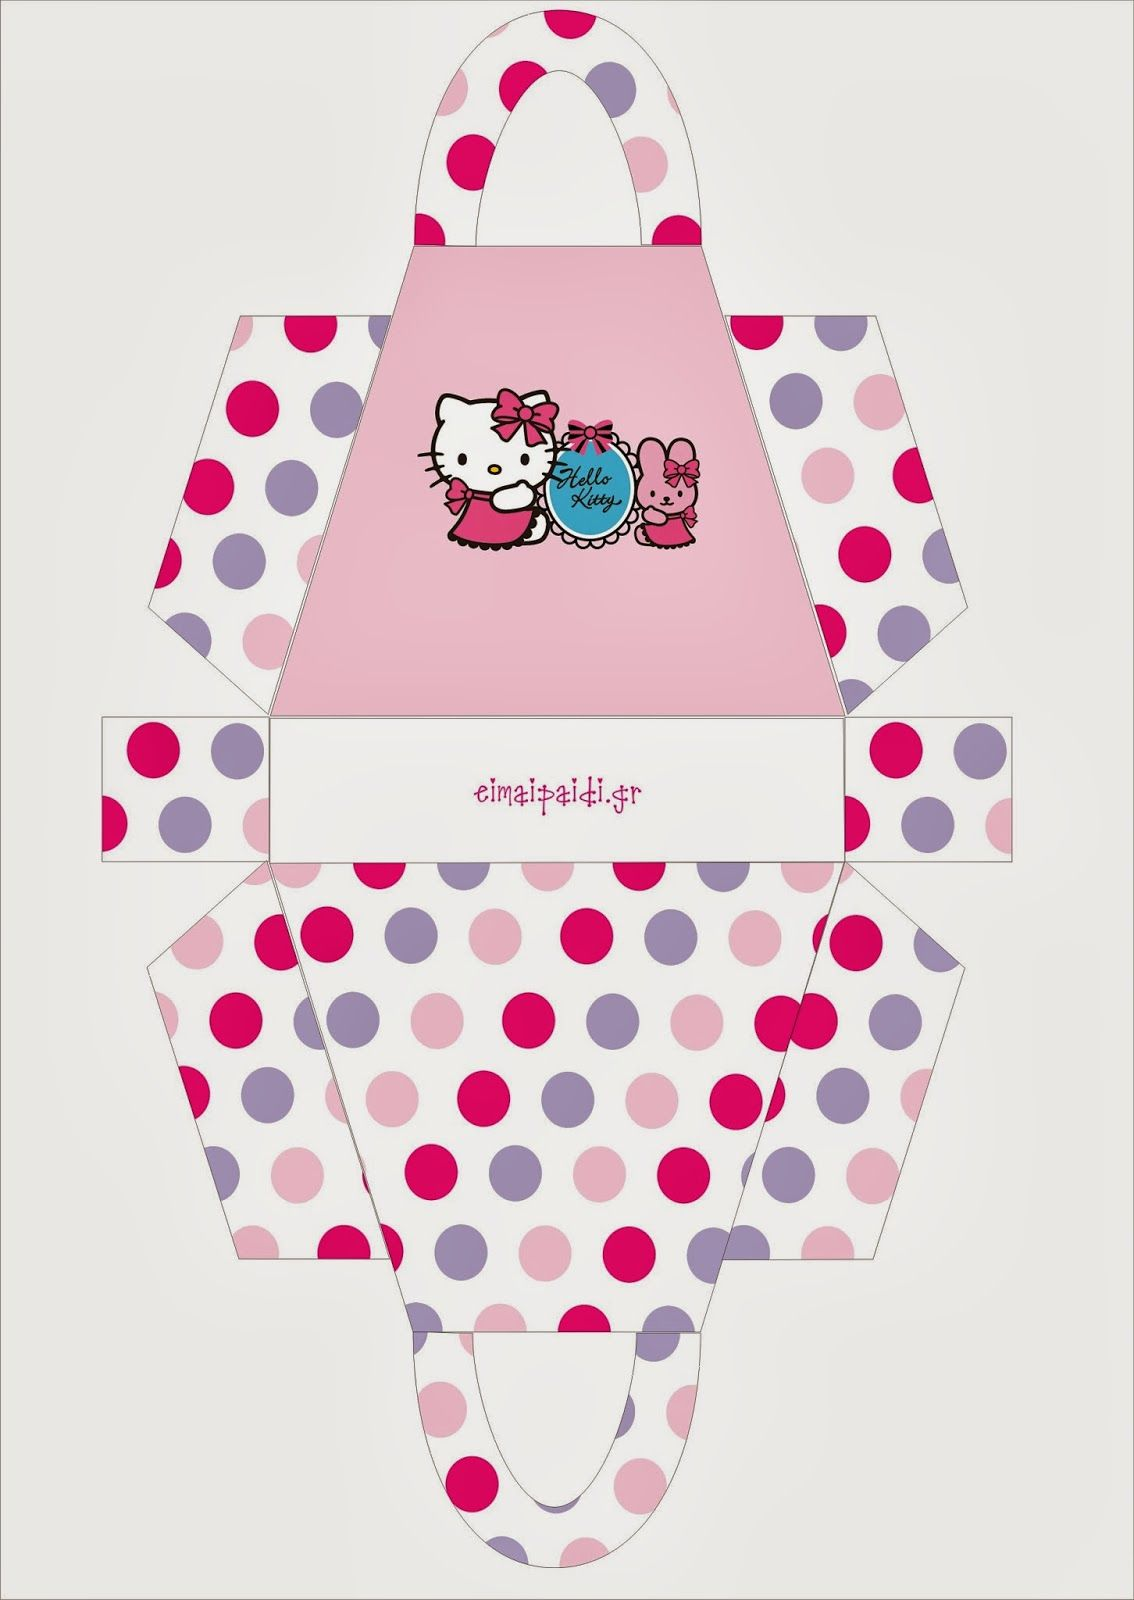 Eimaipaidi Hello Kitty Printables